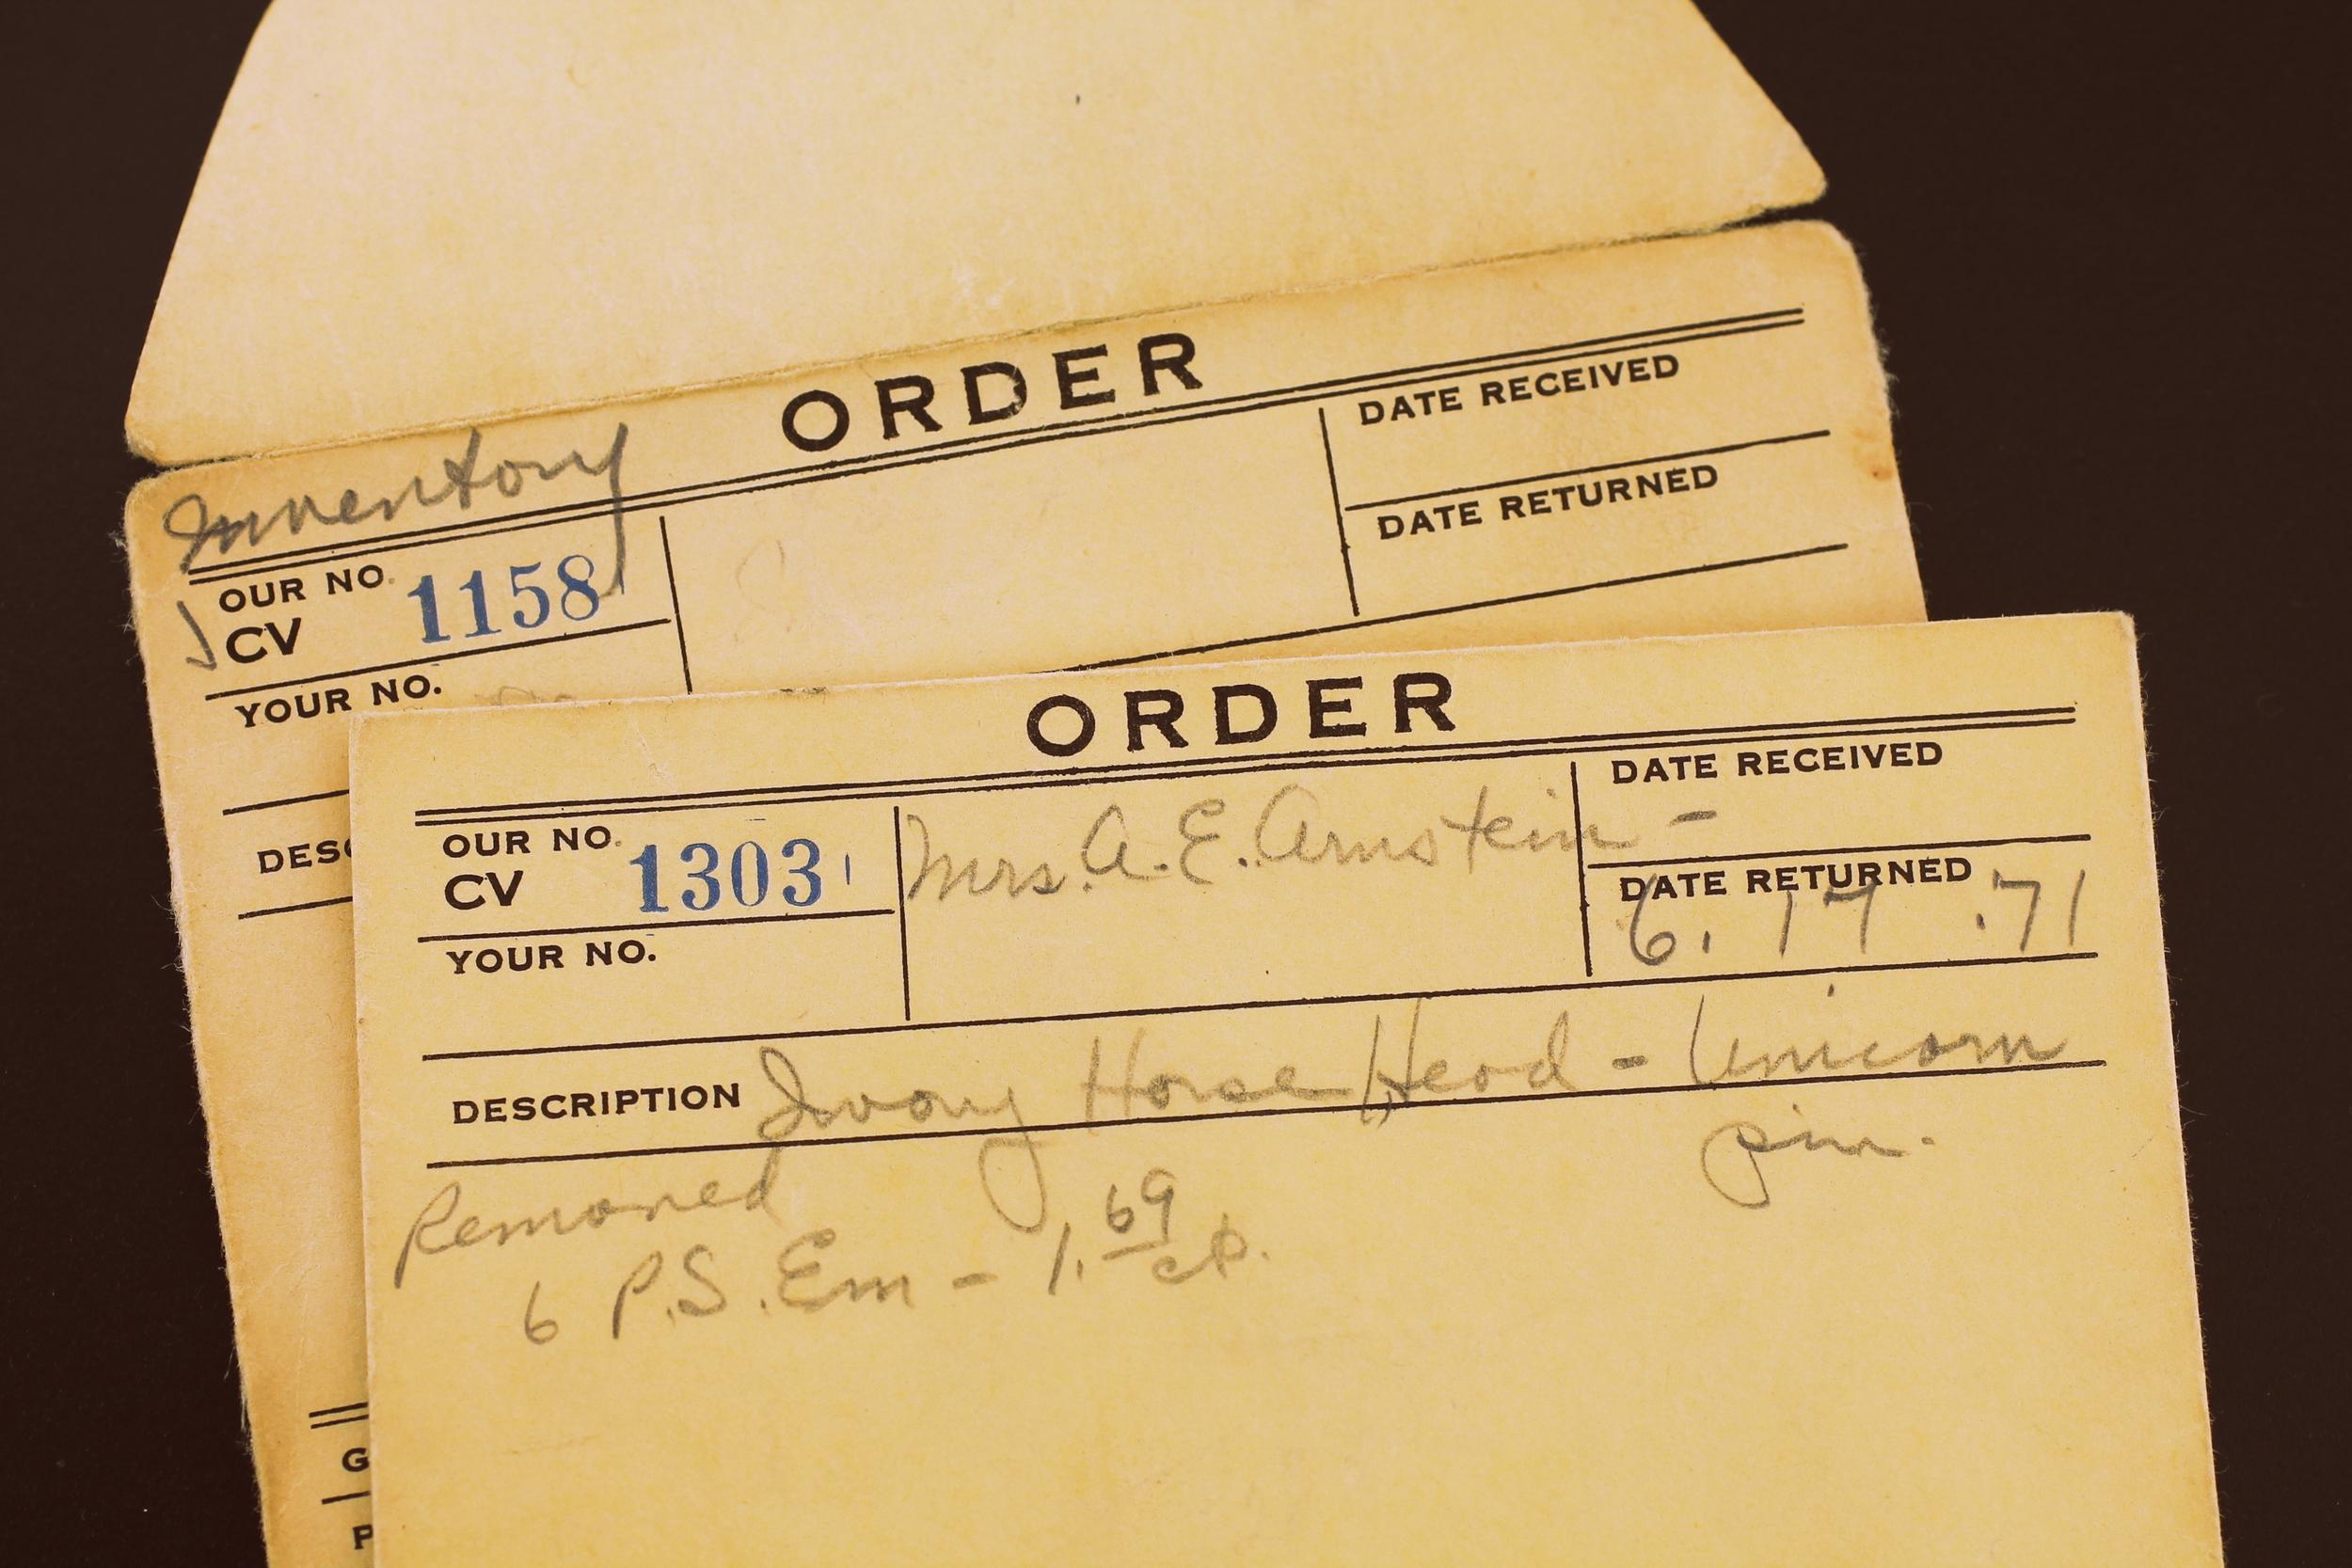 Vaillant work order envelopes (CV 1158; CV 1303), circa 1971